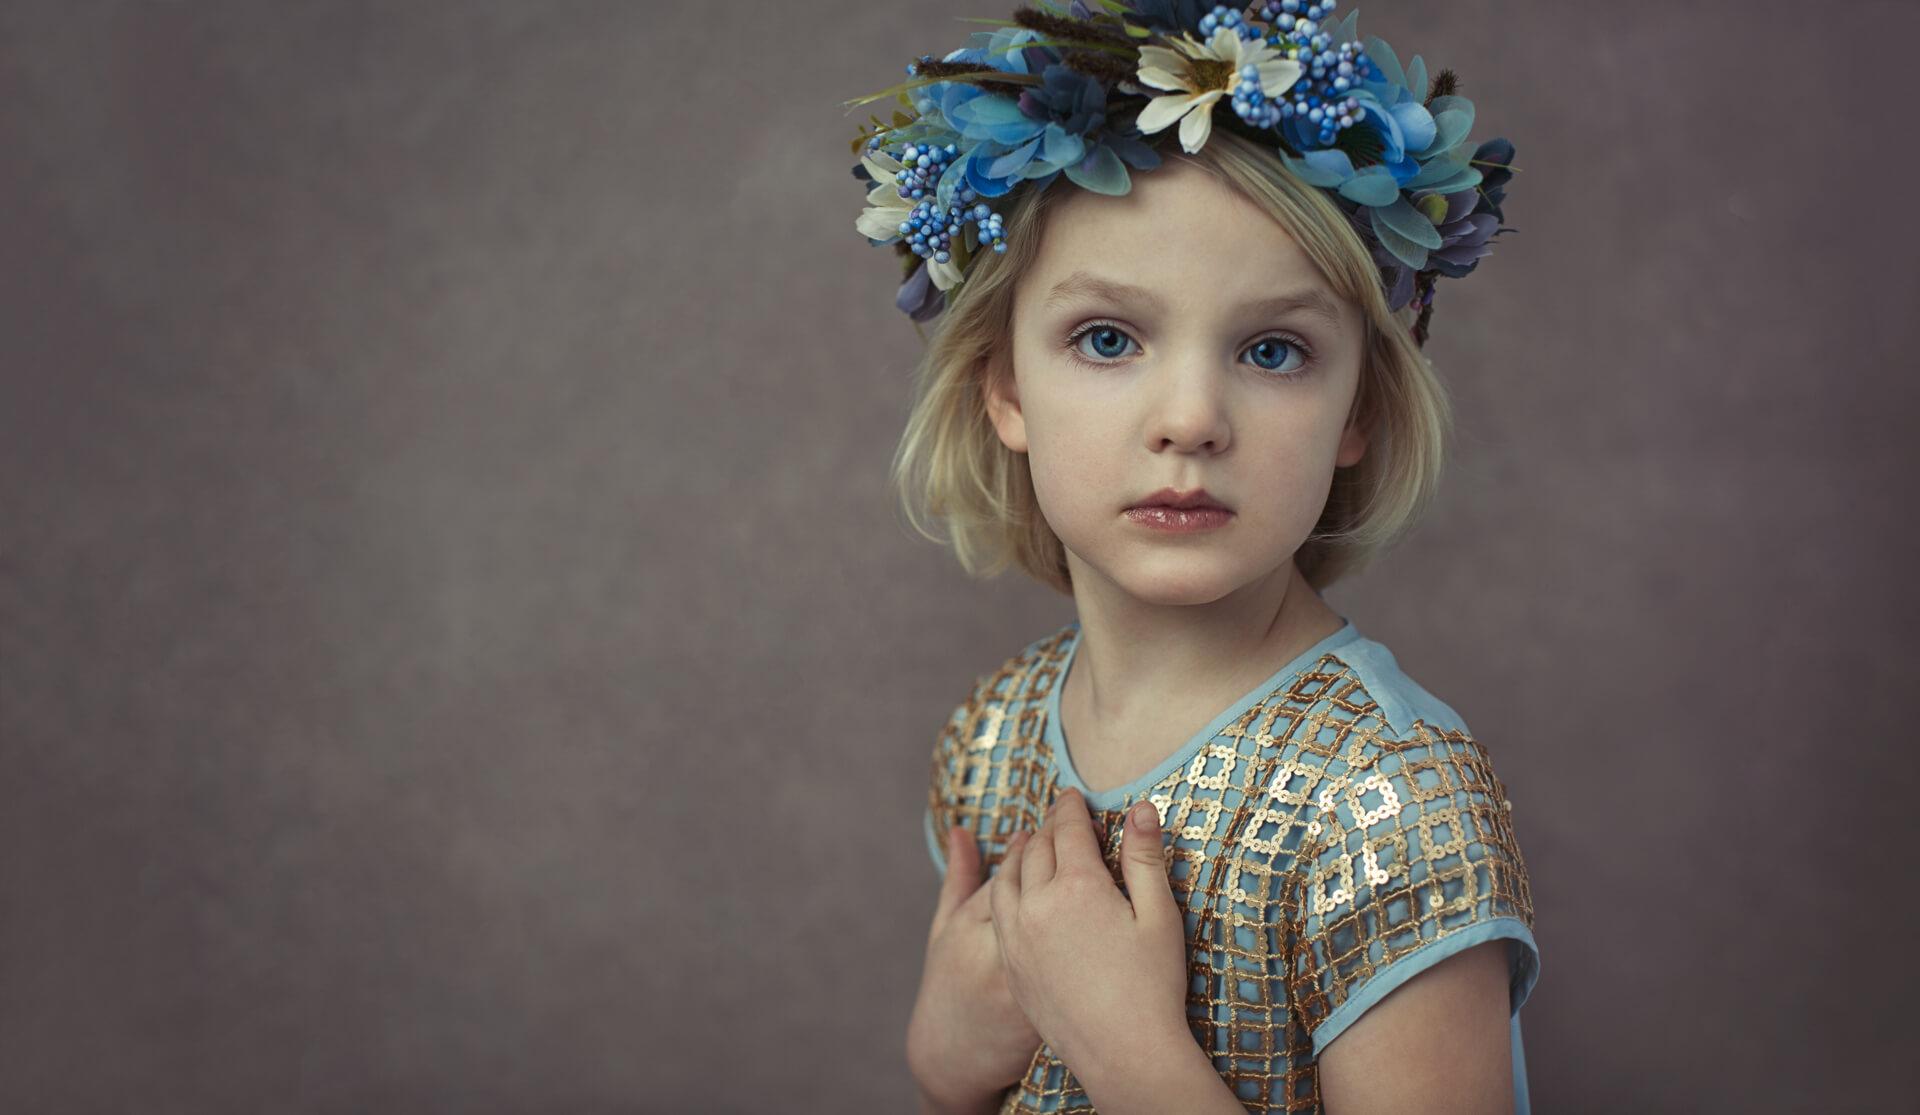 Portrætfoto børn